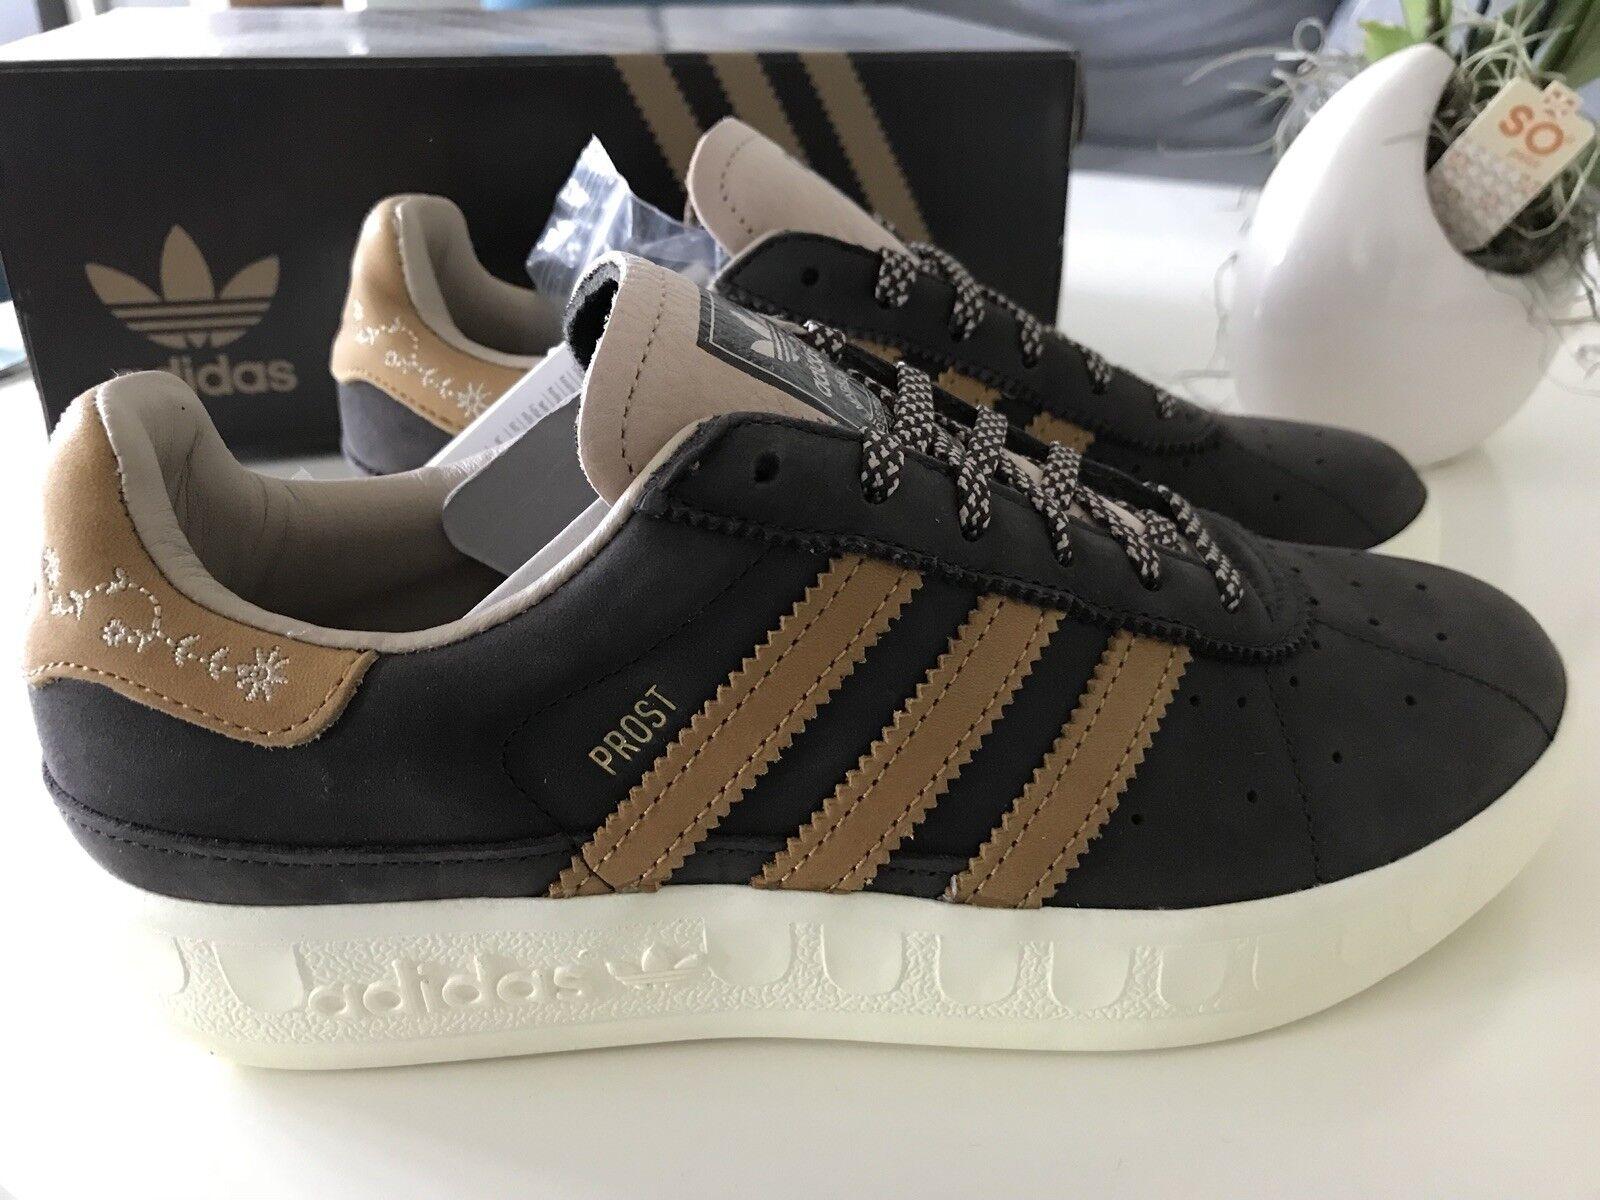 Adidas Oktoberfest München Prost Sneaker munchen us 5 5 5 eu 38 NEU Lederhose Dirndl b3c1b3